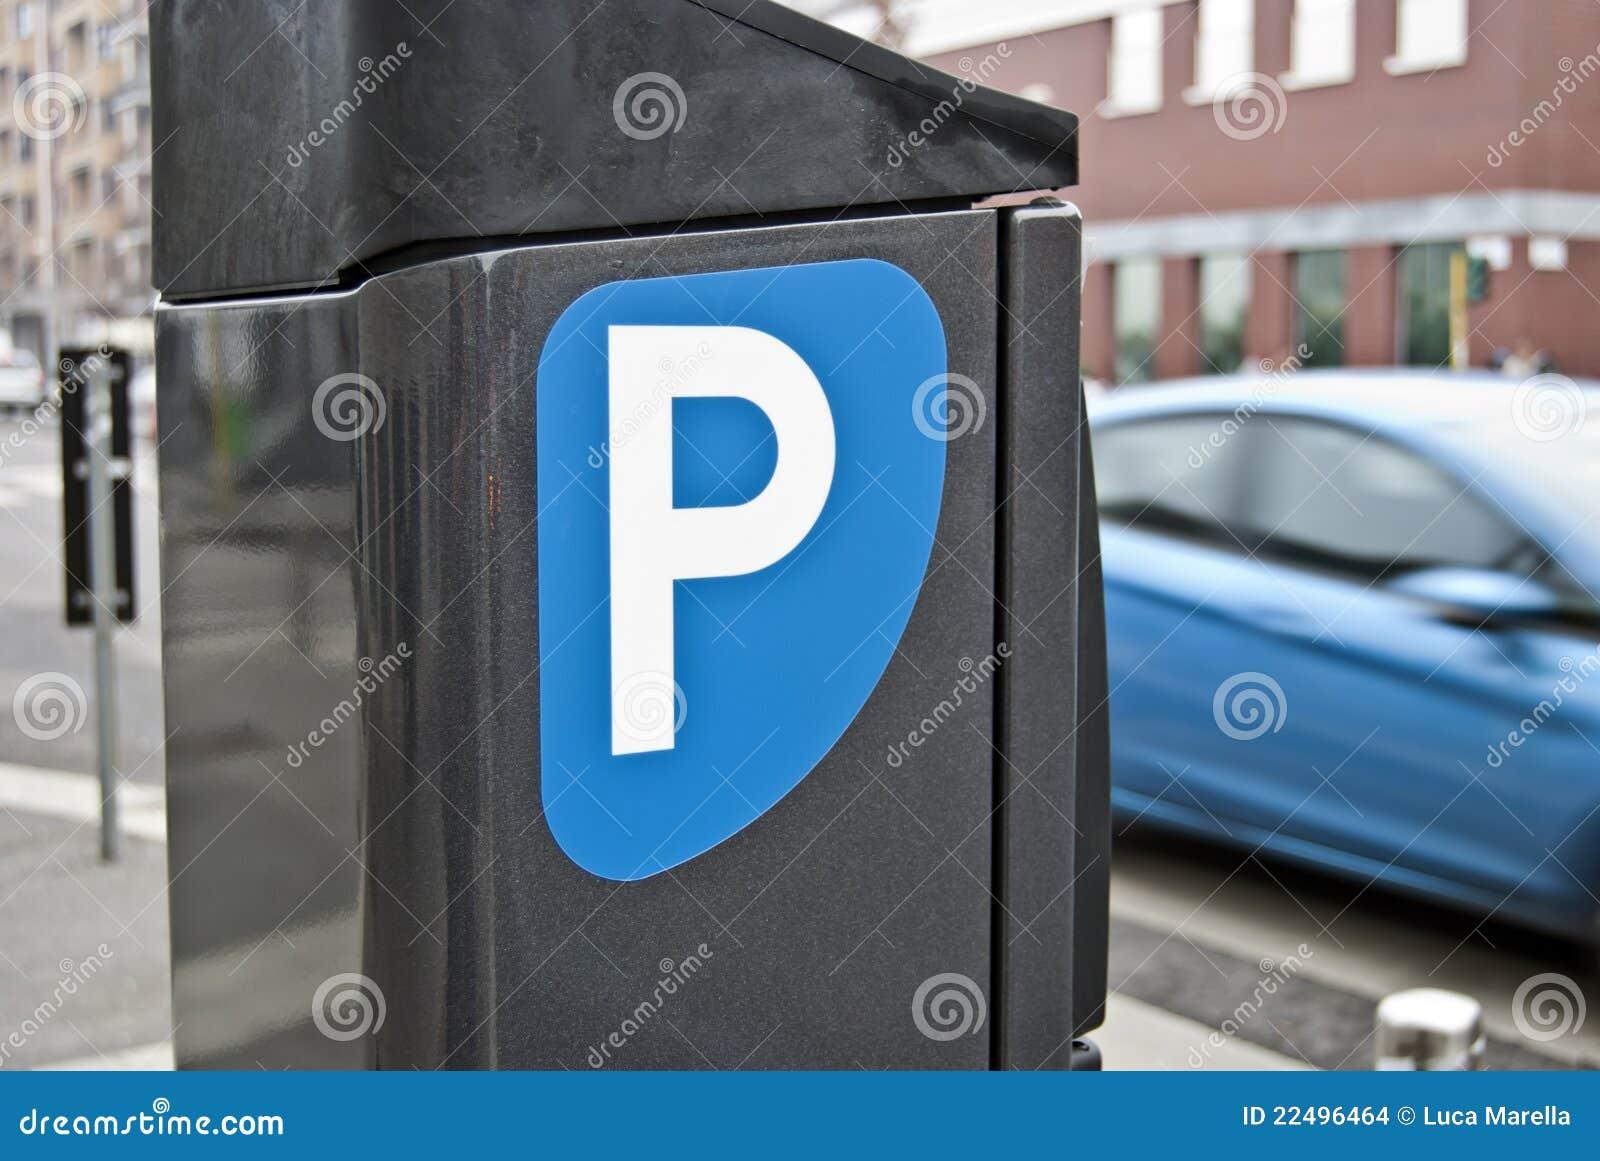 Dystrybutorów mandat za złe parkowanie